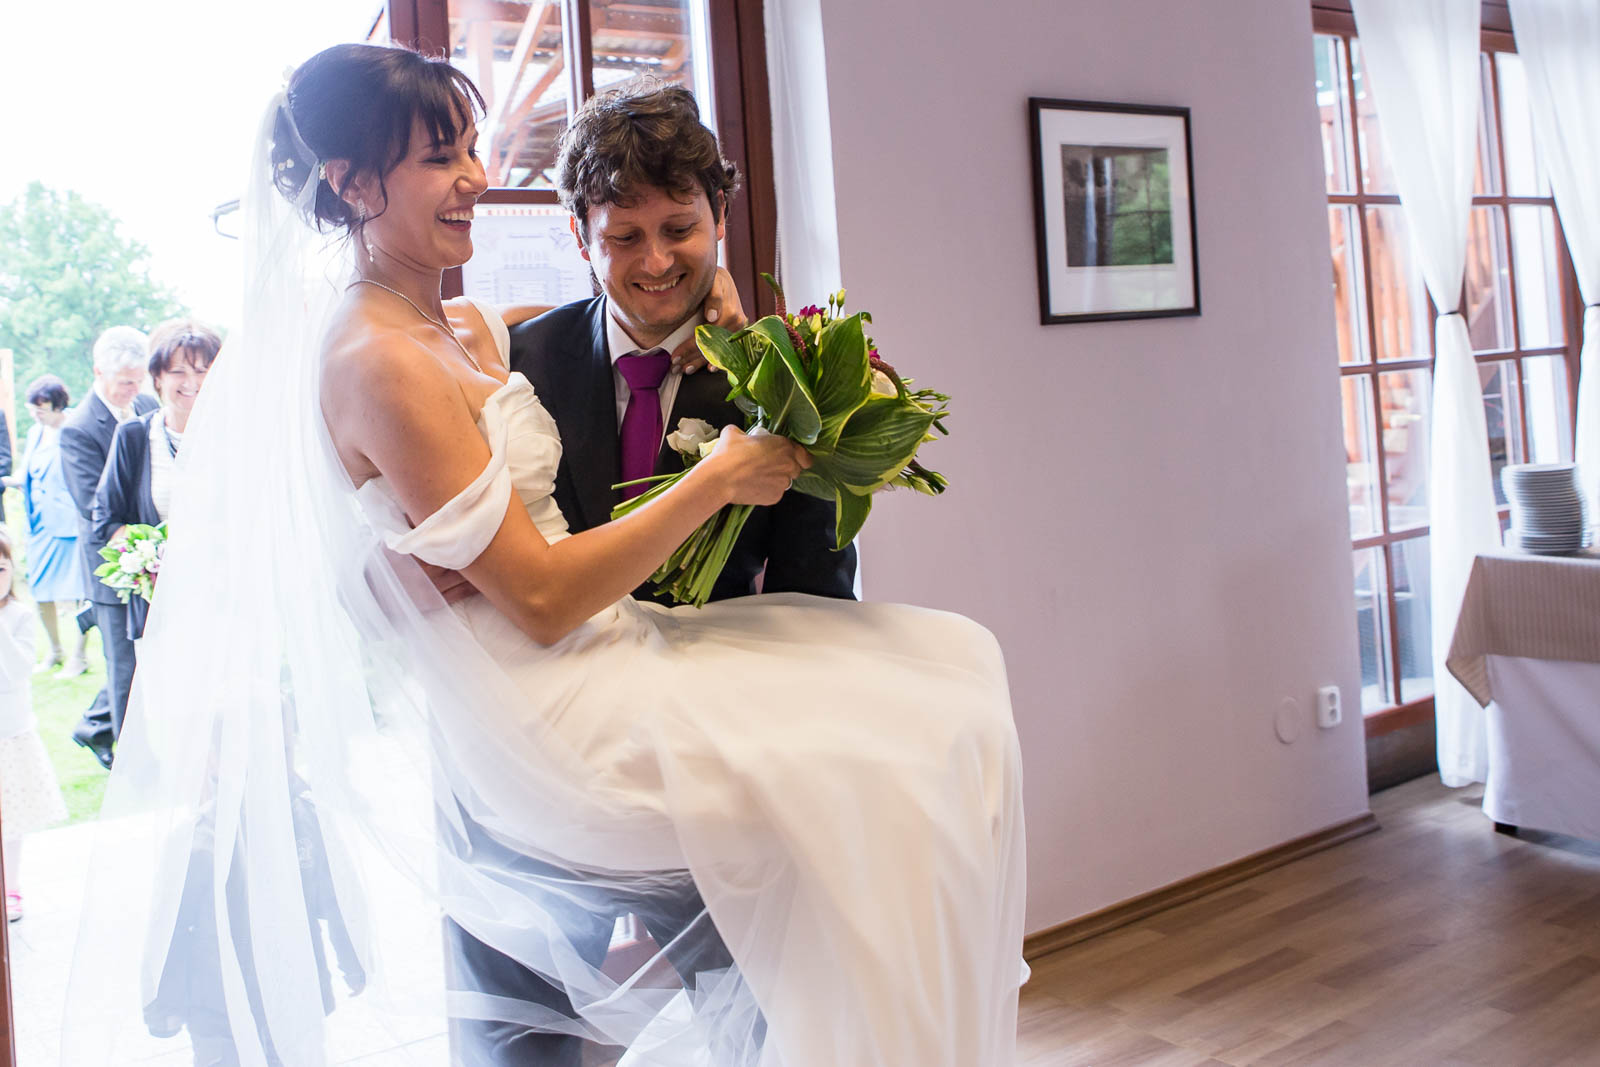 Svatební-fotografie-Mirka-a-Petr-svatební-fotograf- svatebni-kameraman-studio-Beautyfoto-Jižní-Čechy-Zvíkov-Orlík-svatební-videobeautyfoto-59